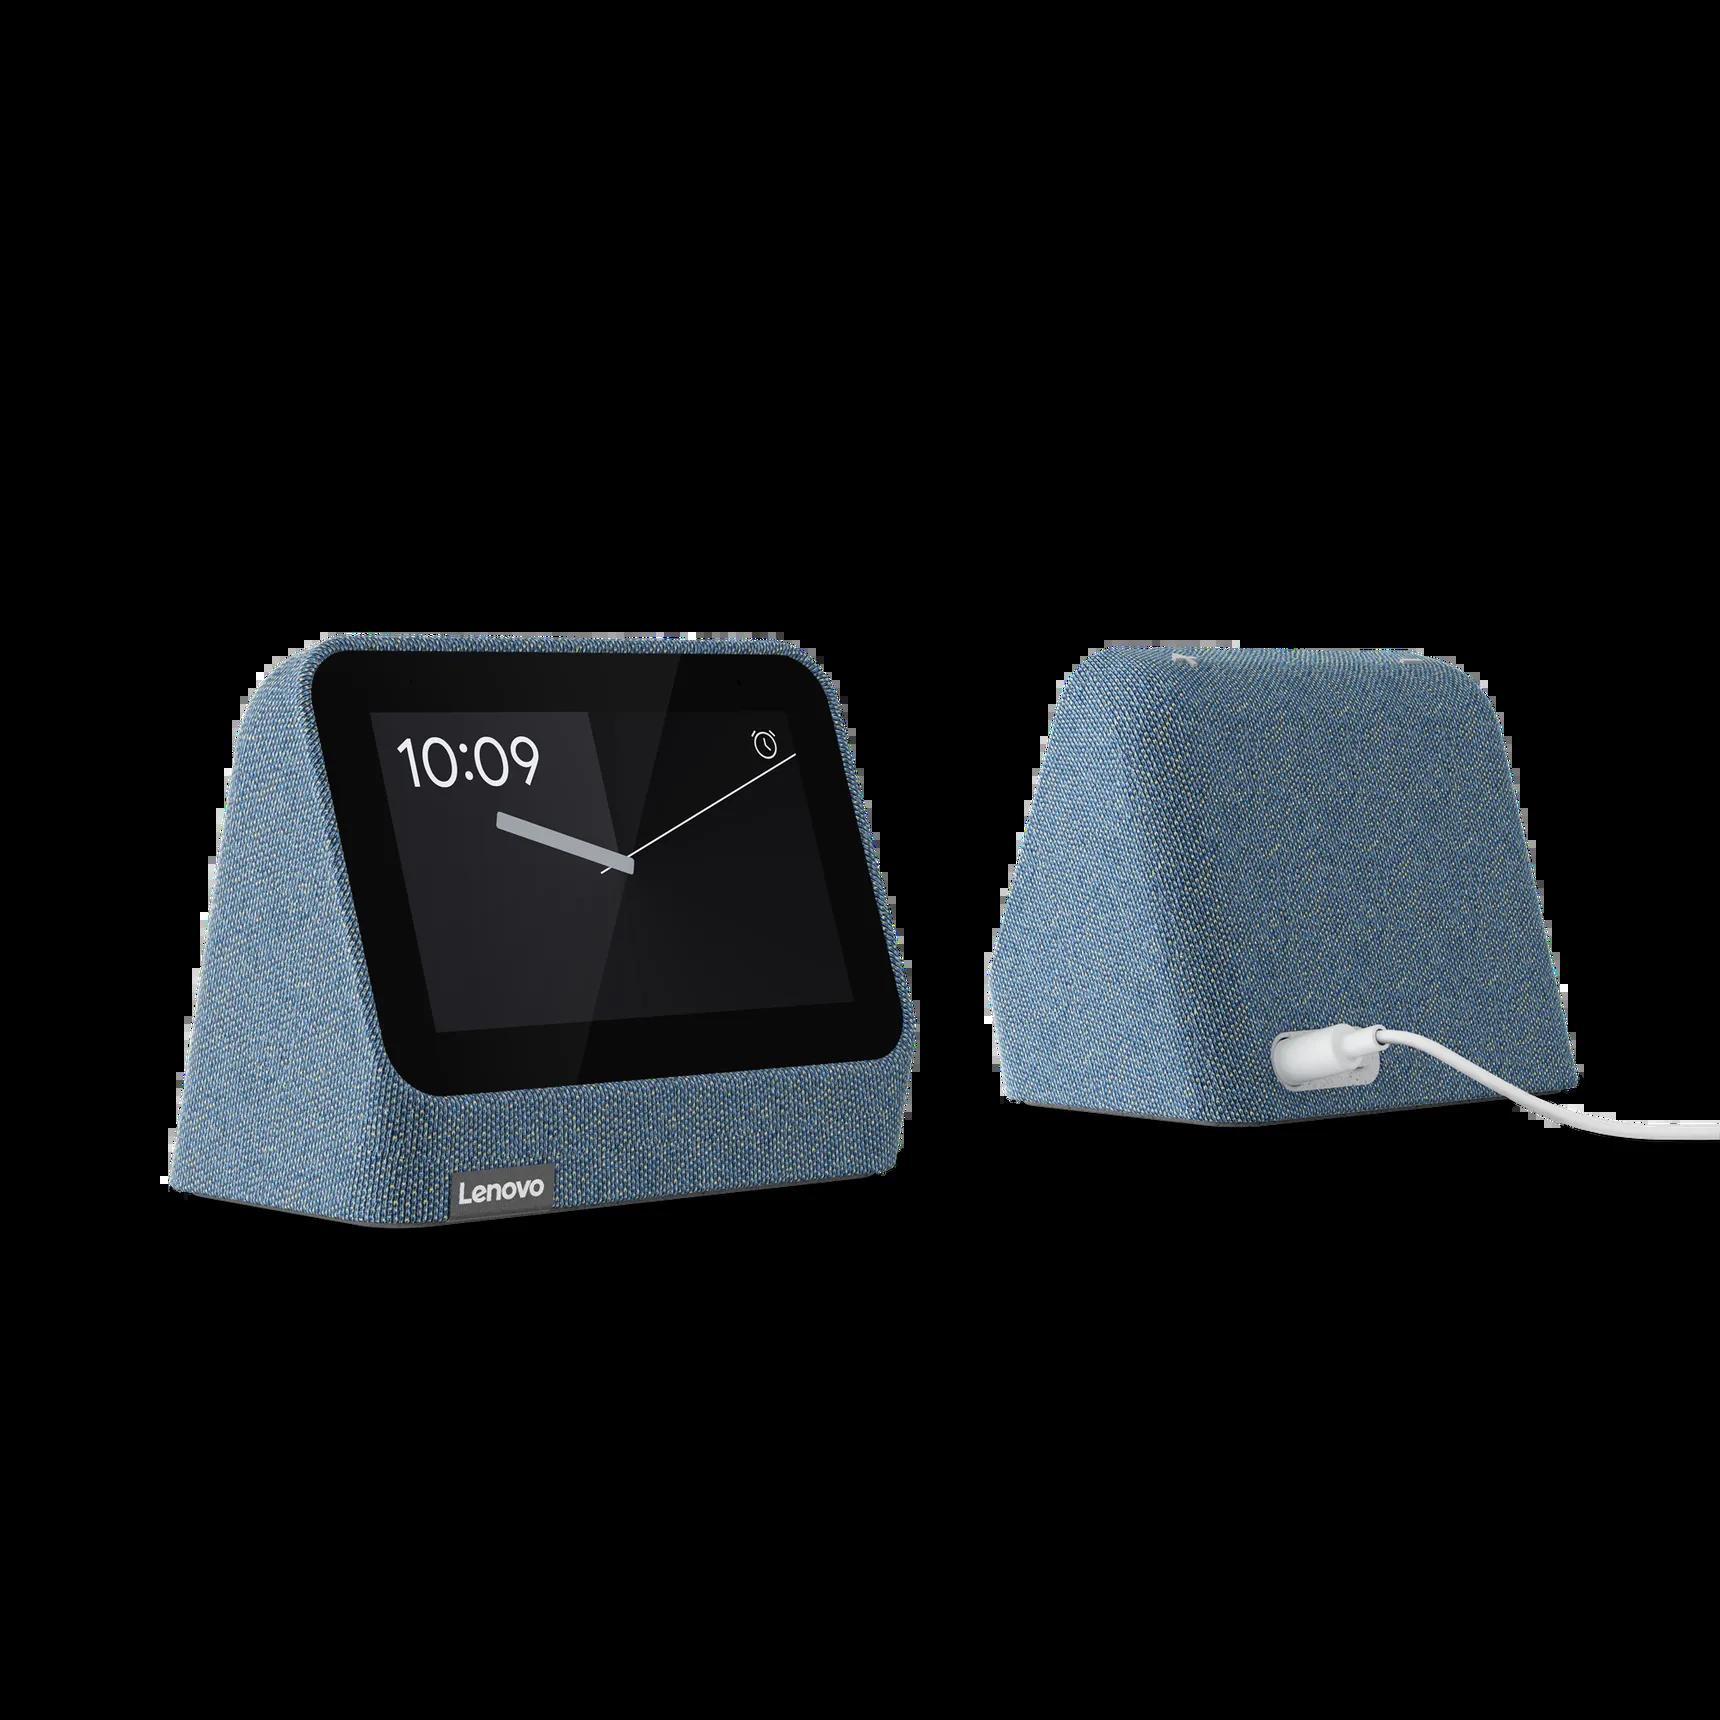 联想发布新款智能闹钟产品Smart Clock 2-第2张图片-IT新视野